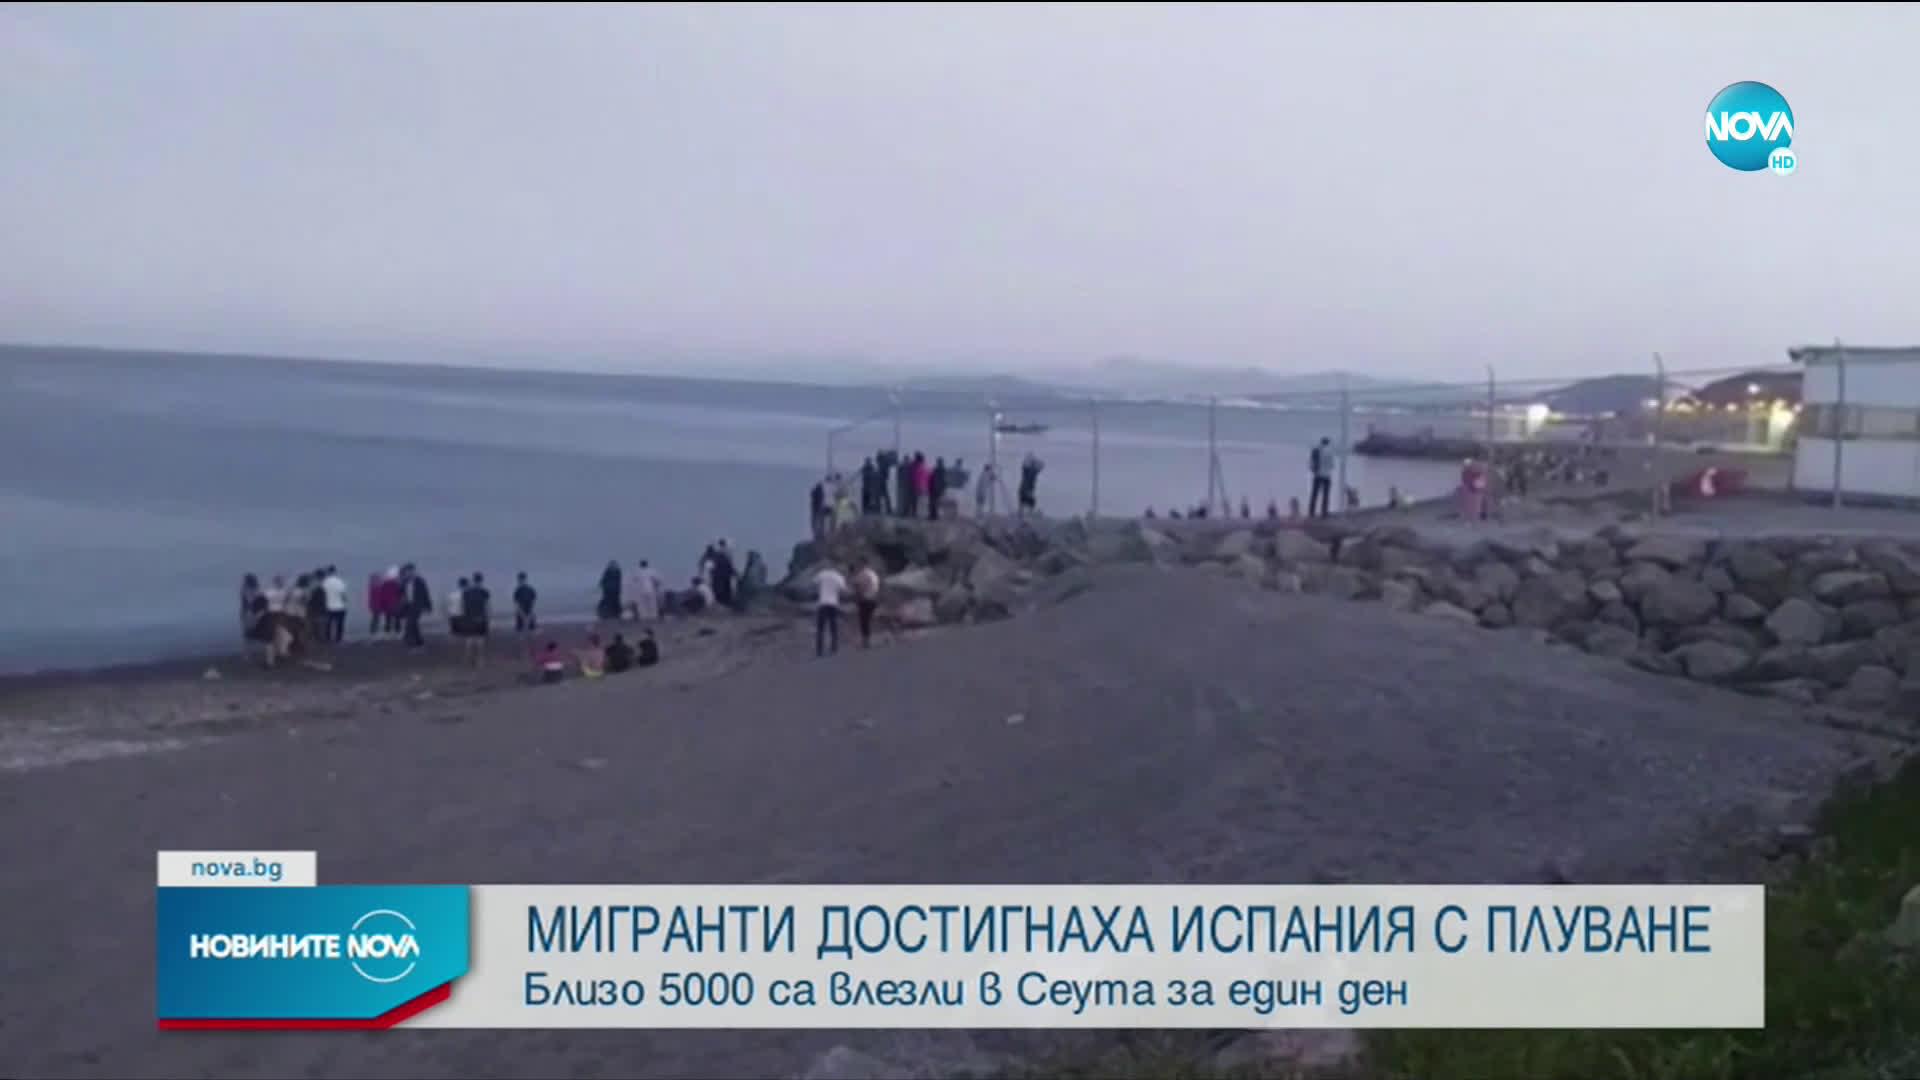 Мигранти достигнаха Испания с плуване